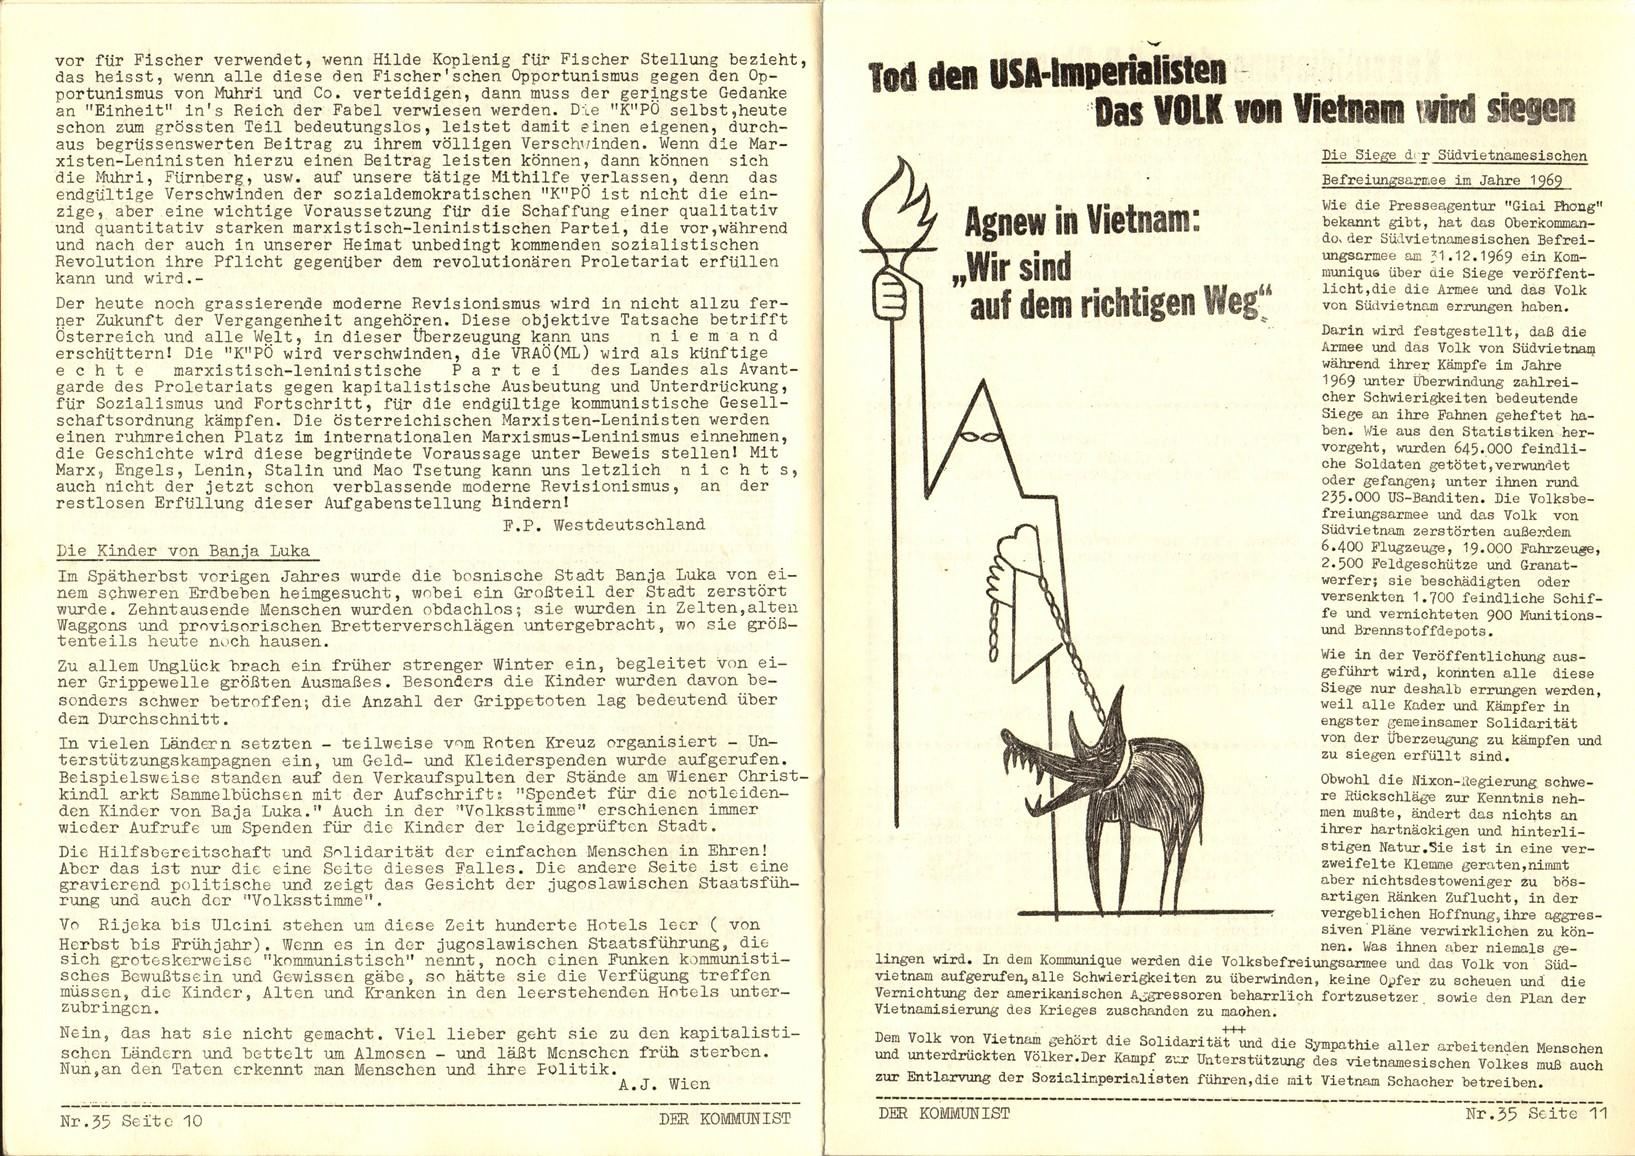 VRA_Der_Kommunist_19700100_06